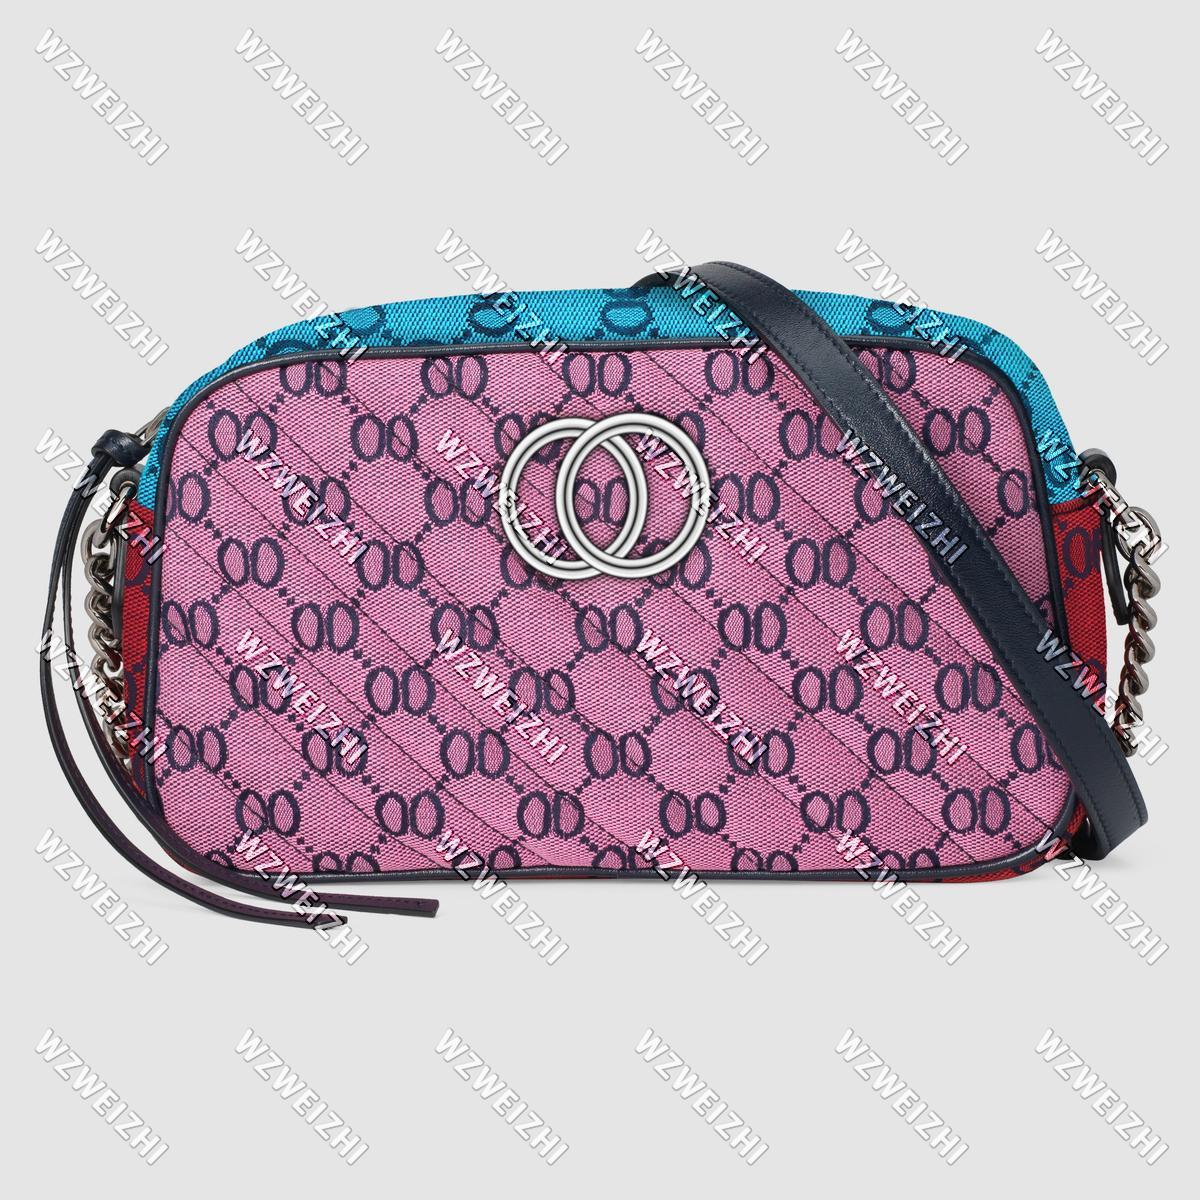 여성 Soho 디스코 가방 라이트 Marmont 여러 가지 빛깔의 작은 캔버스 어깨 가방 핸드백 실버 체인 크로스 바디 메신저 지갑 지갑 핑크 그린 24cm